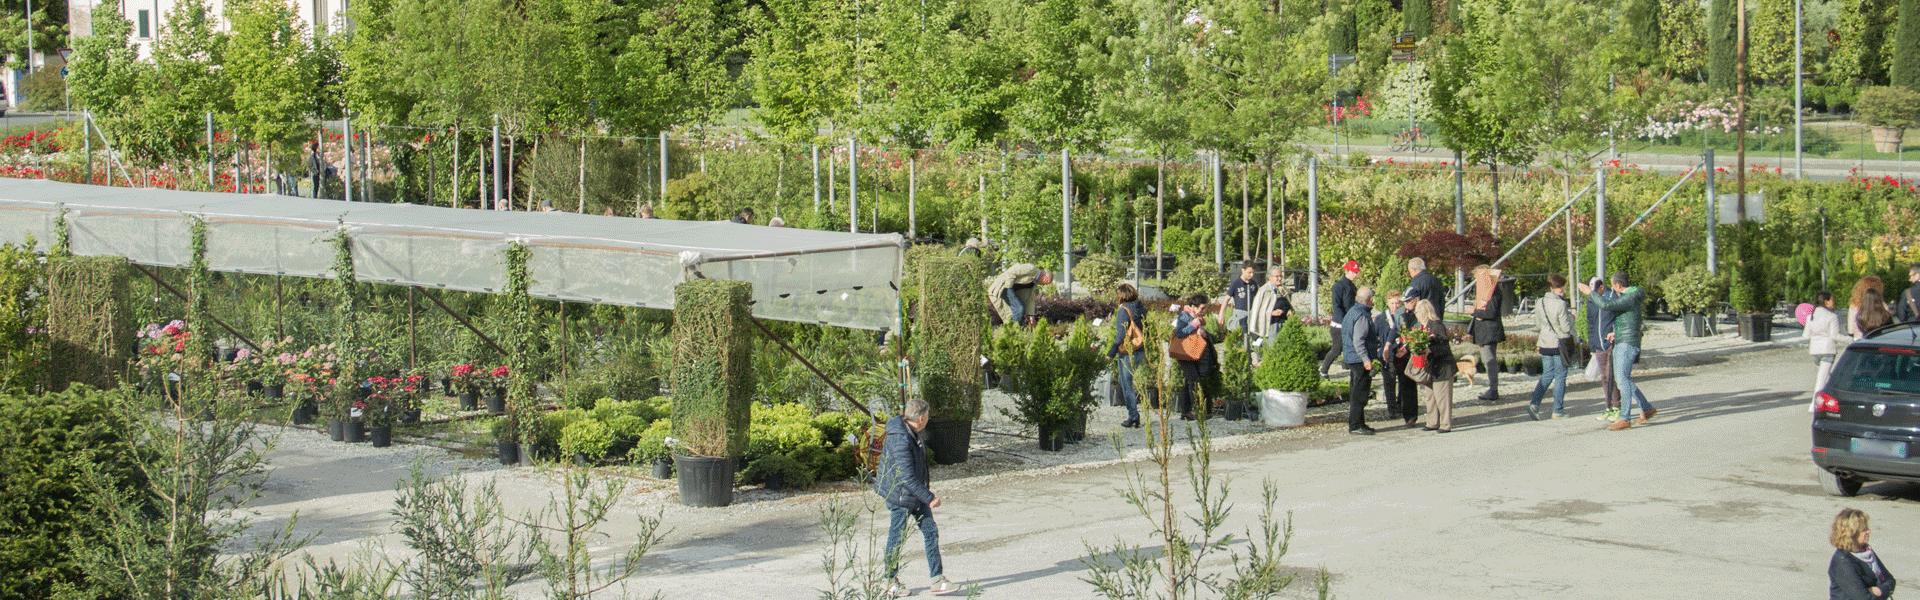 ORCHidea-piazzale